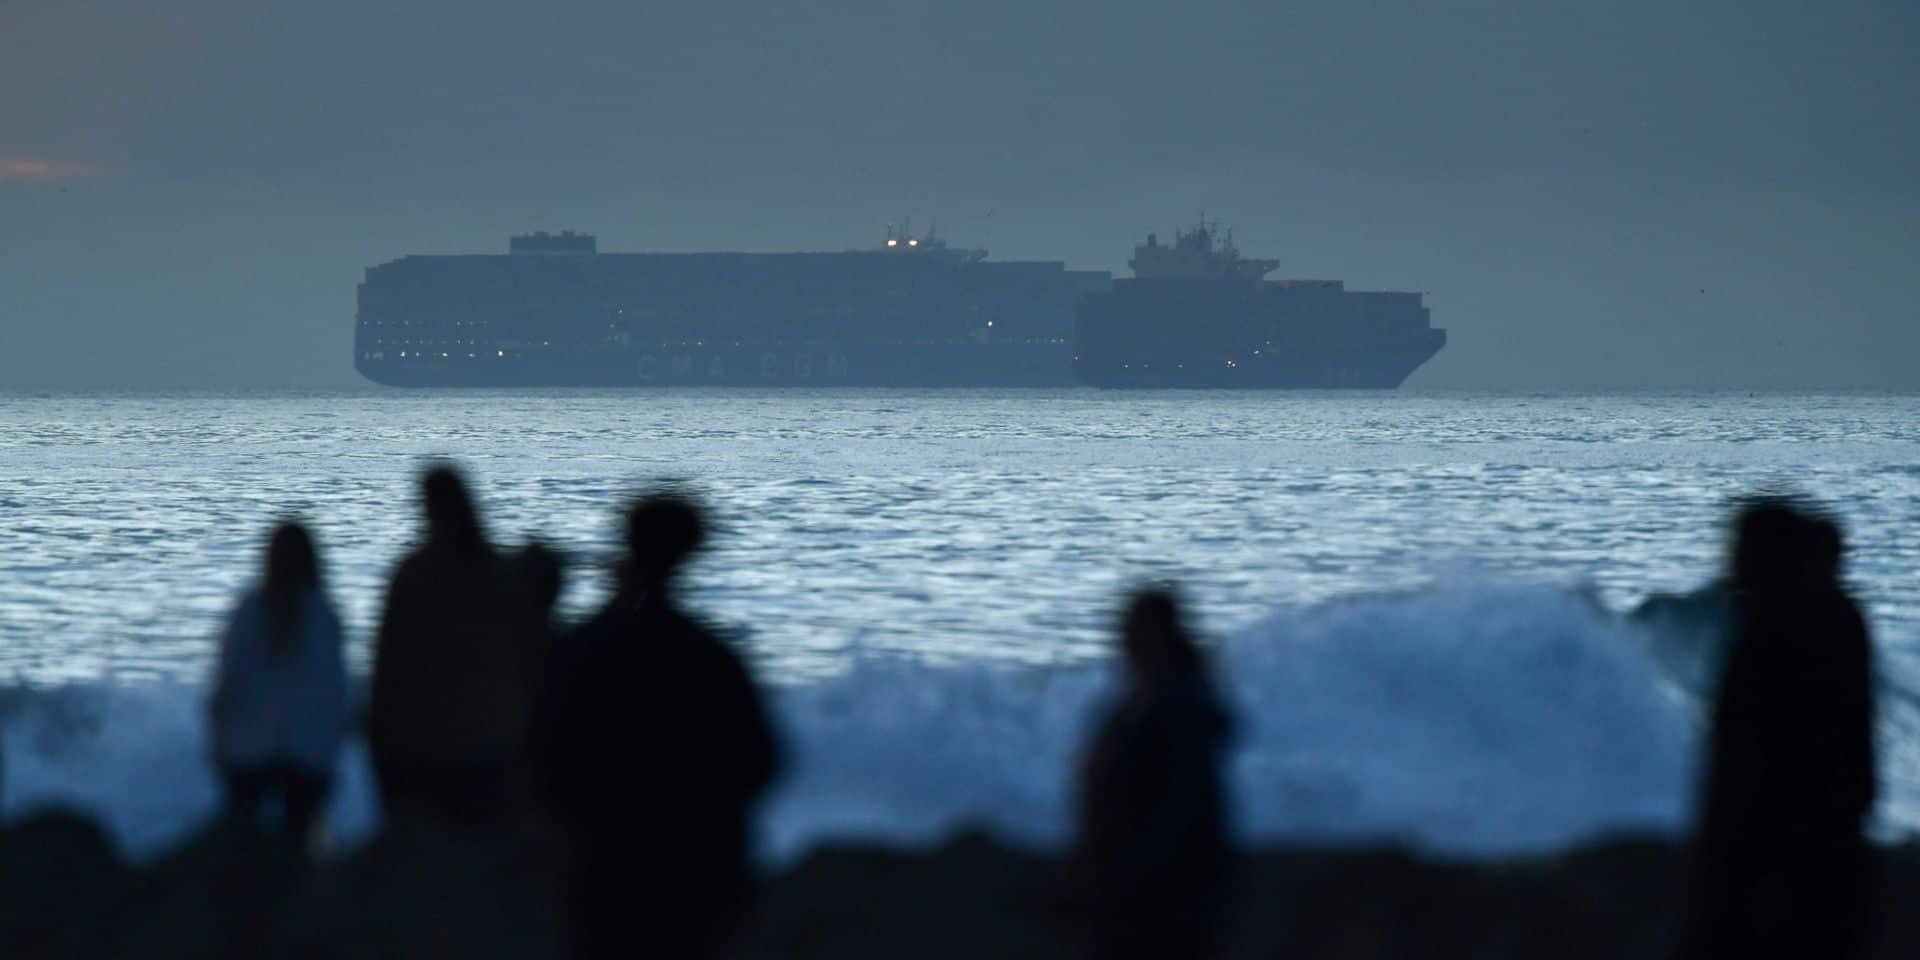 L'ancre d'un navire à l'origine de la marée noire en Californie?